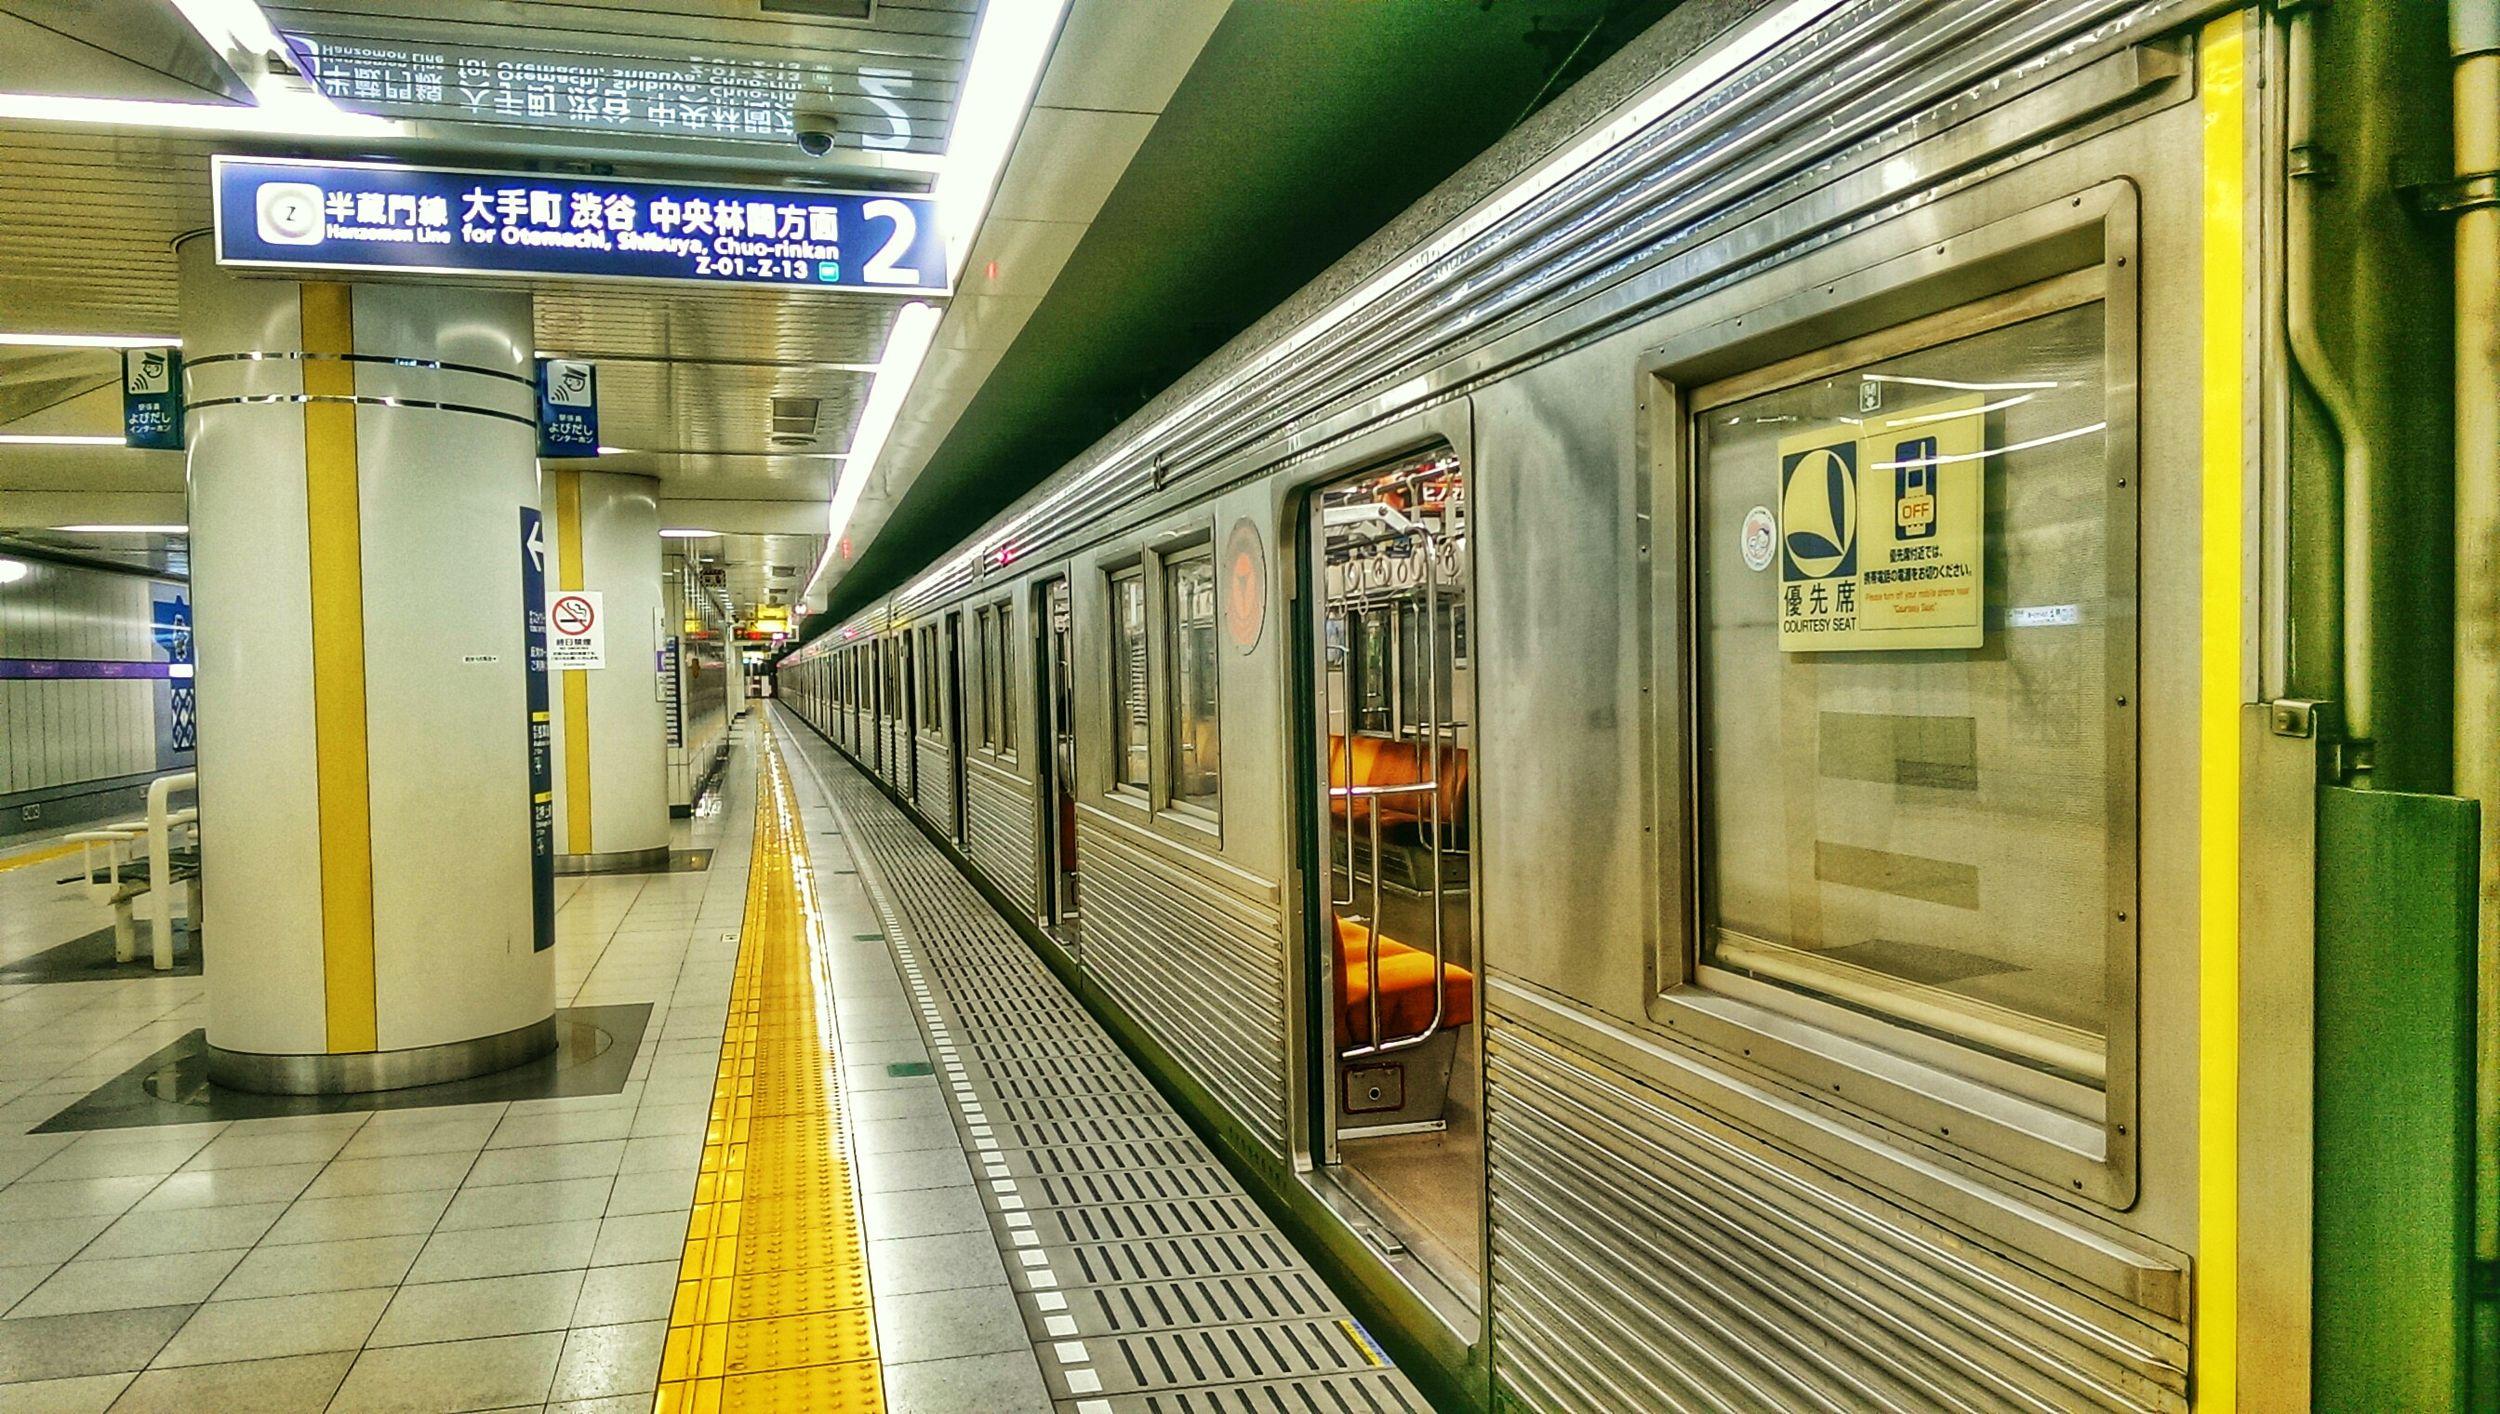 Train Station Underground 半蔵門線 地下鉄